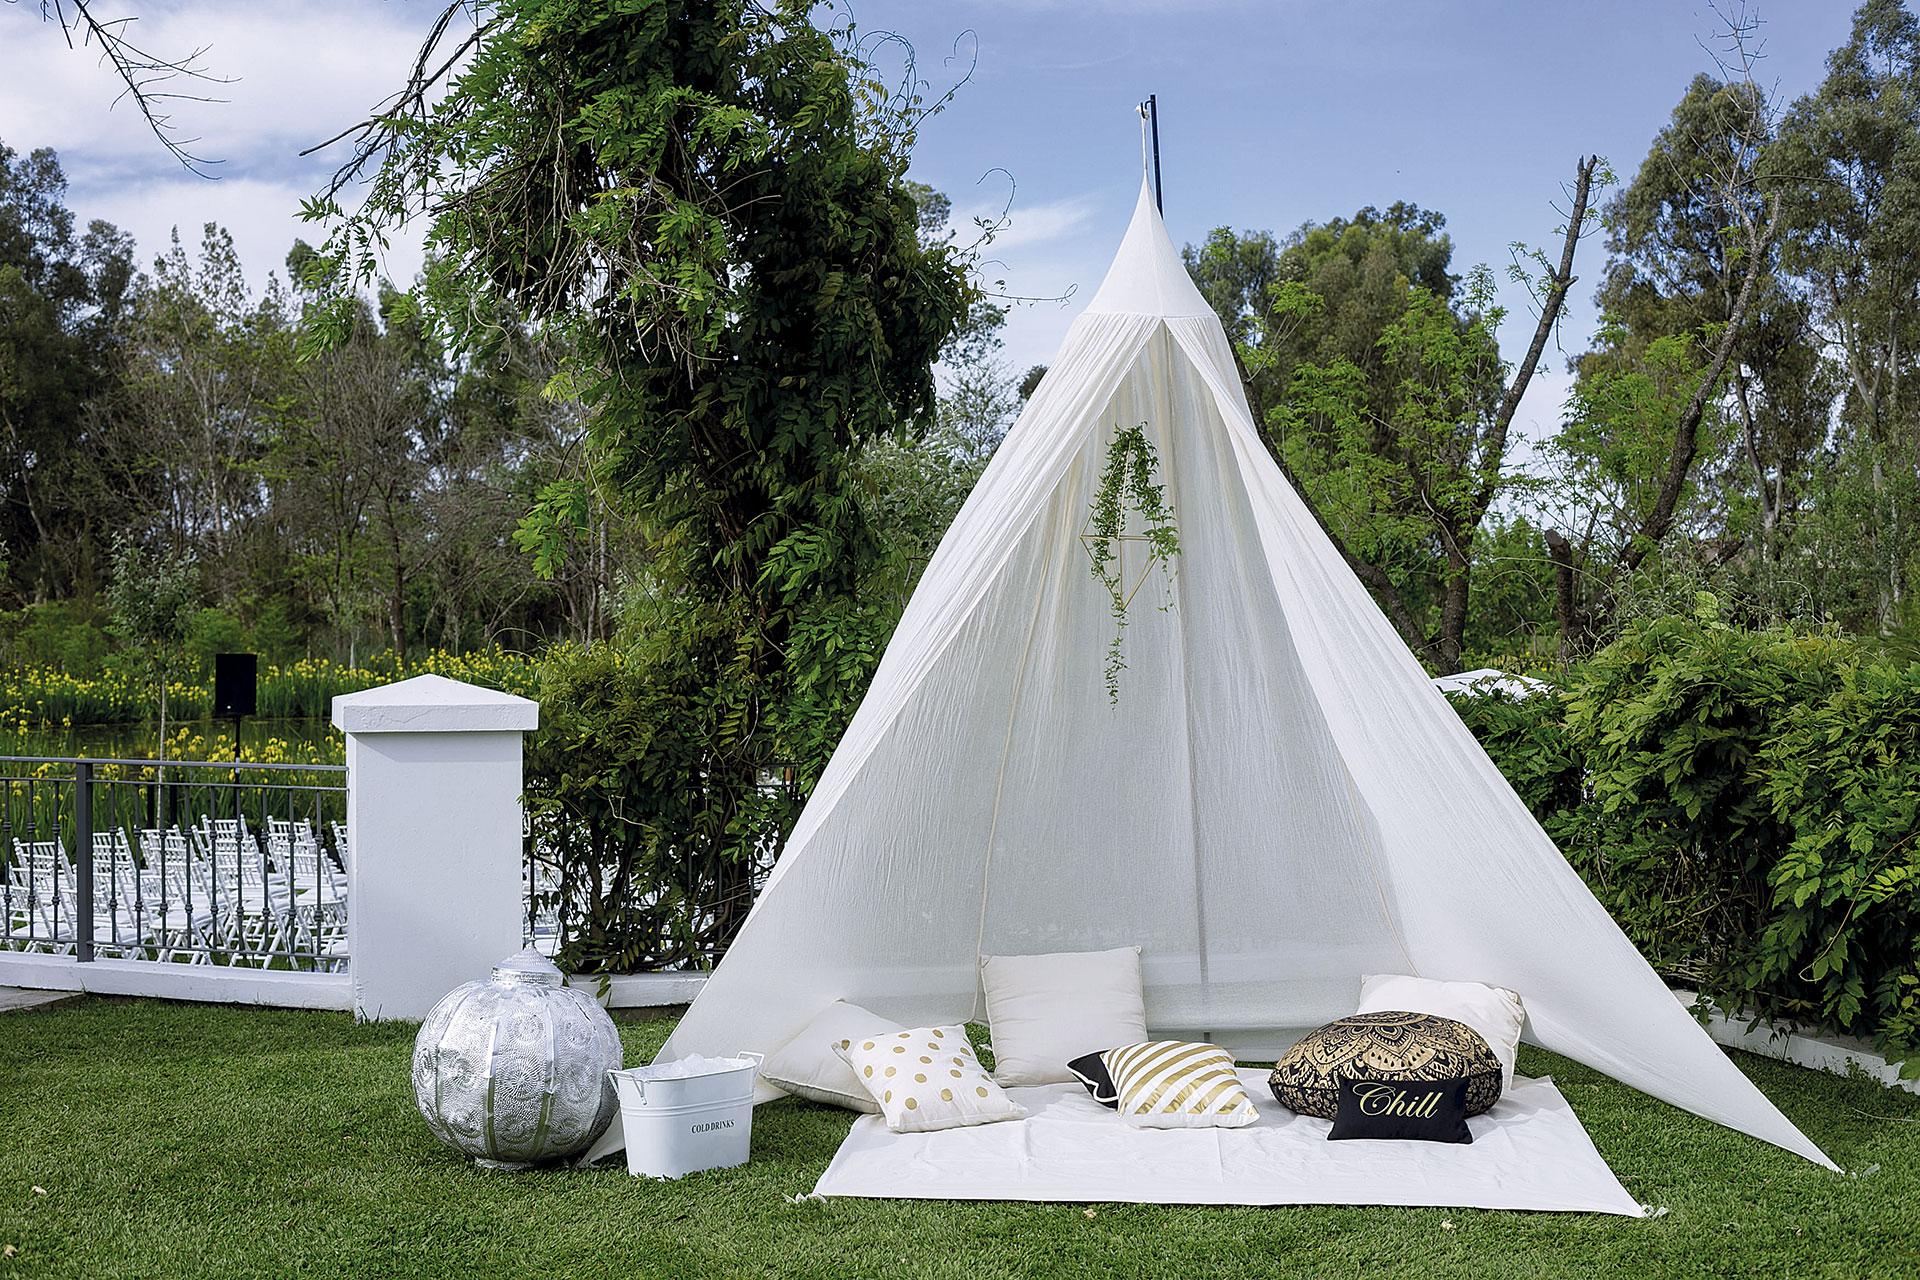 La ambientación estuvo a cargo de Sol y Angeles Rodríguez Oneto. Hubo livings, almohadones y carpas al aire libre: súper relajado.